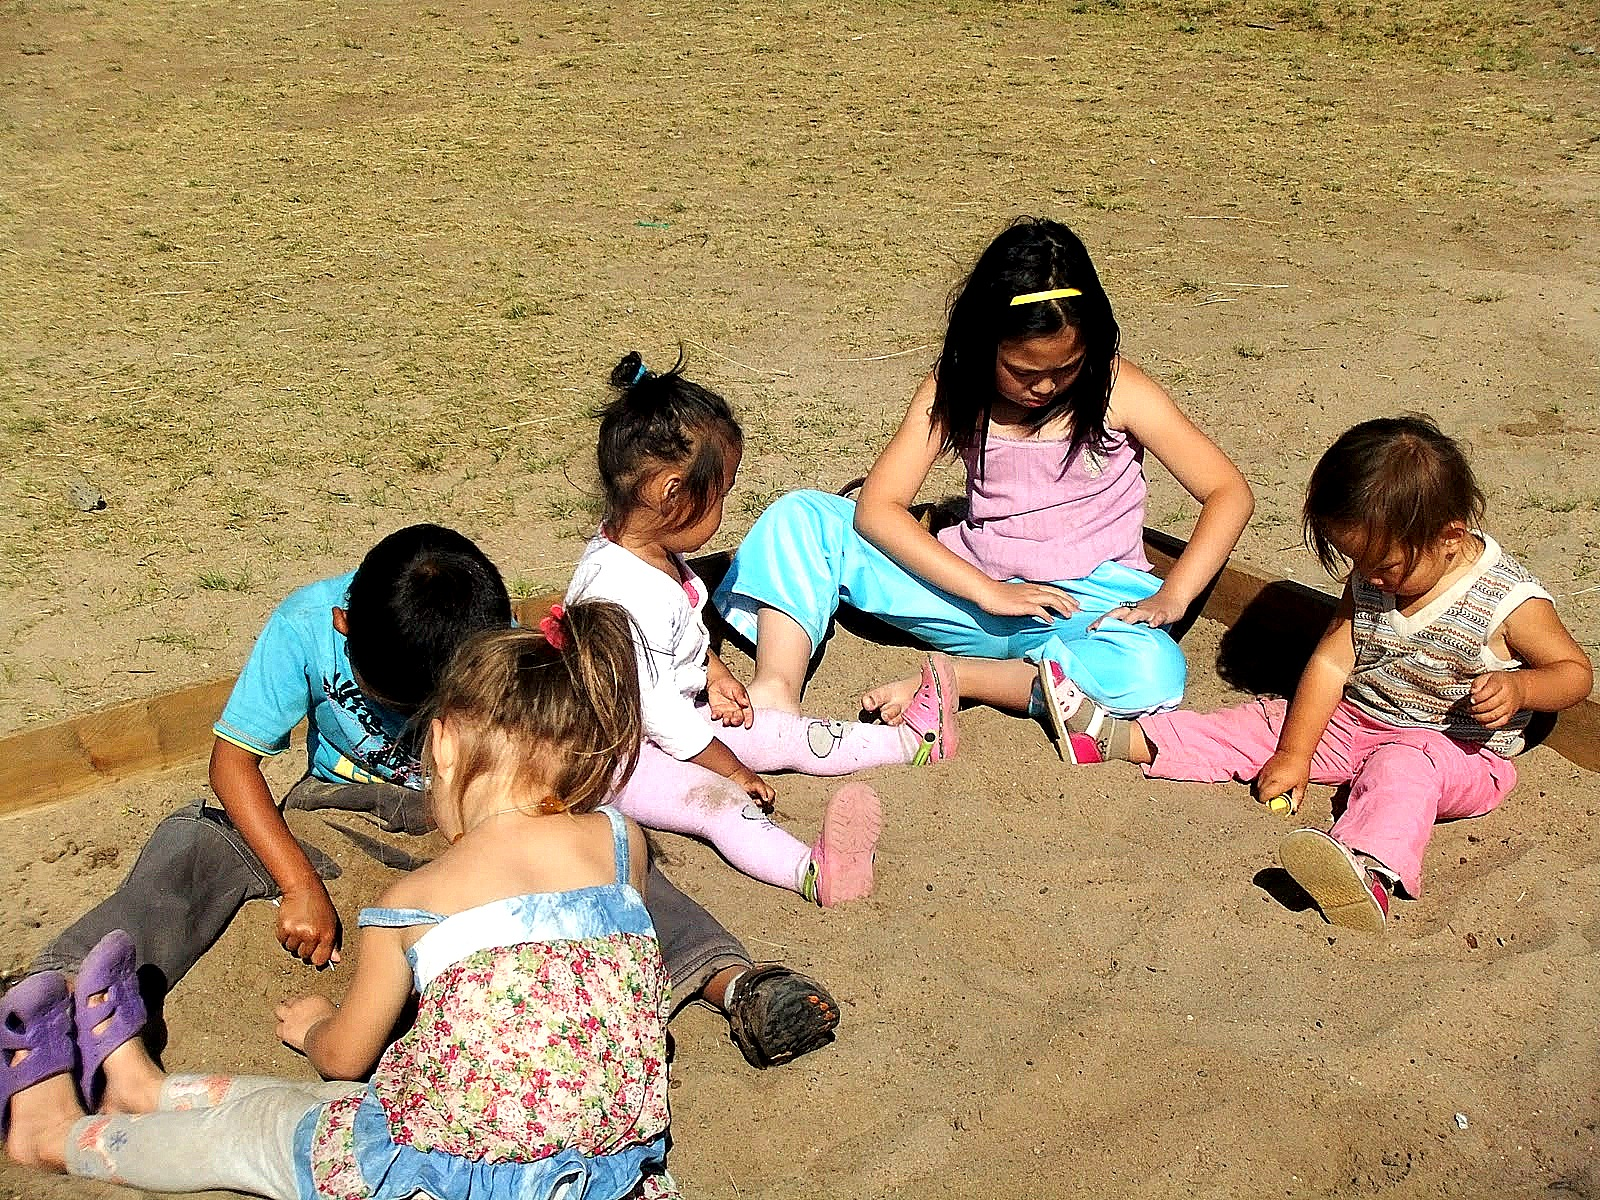 Хот төлөвлөлтөд хүүхдүүдийн санал авдаг орон